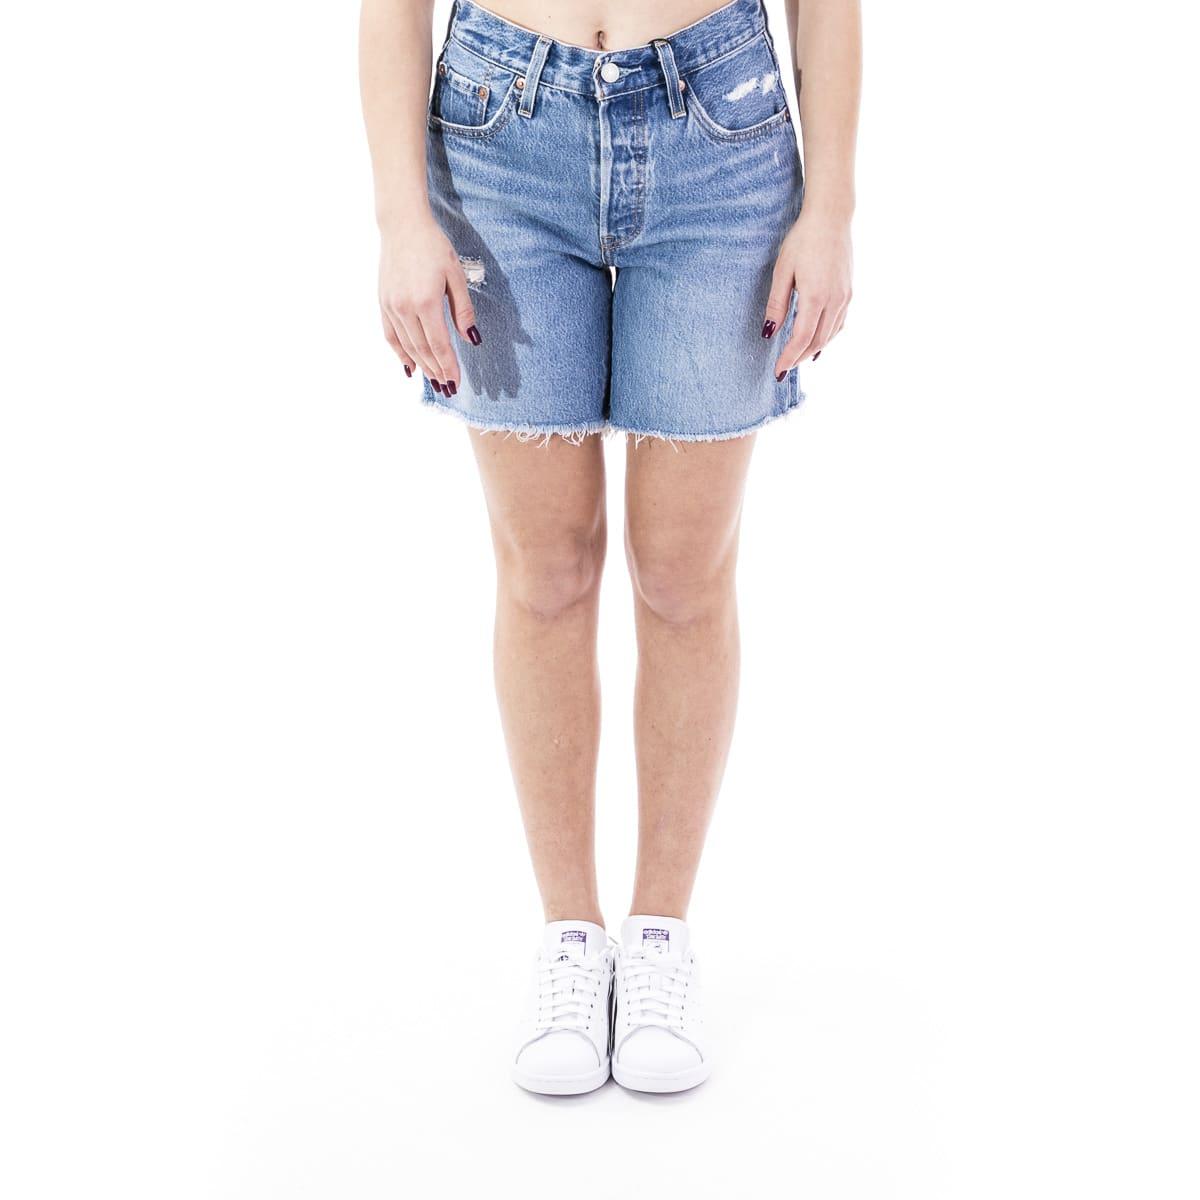 Levis Cotton Shorts